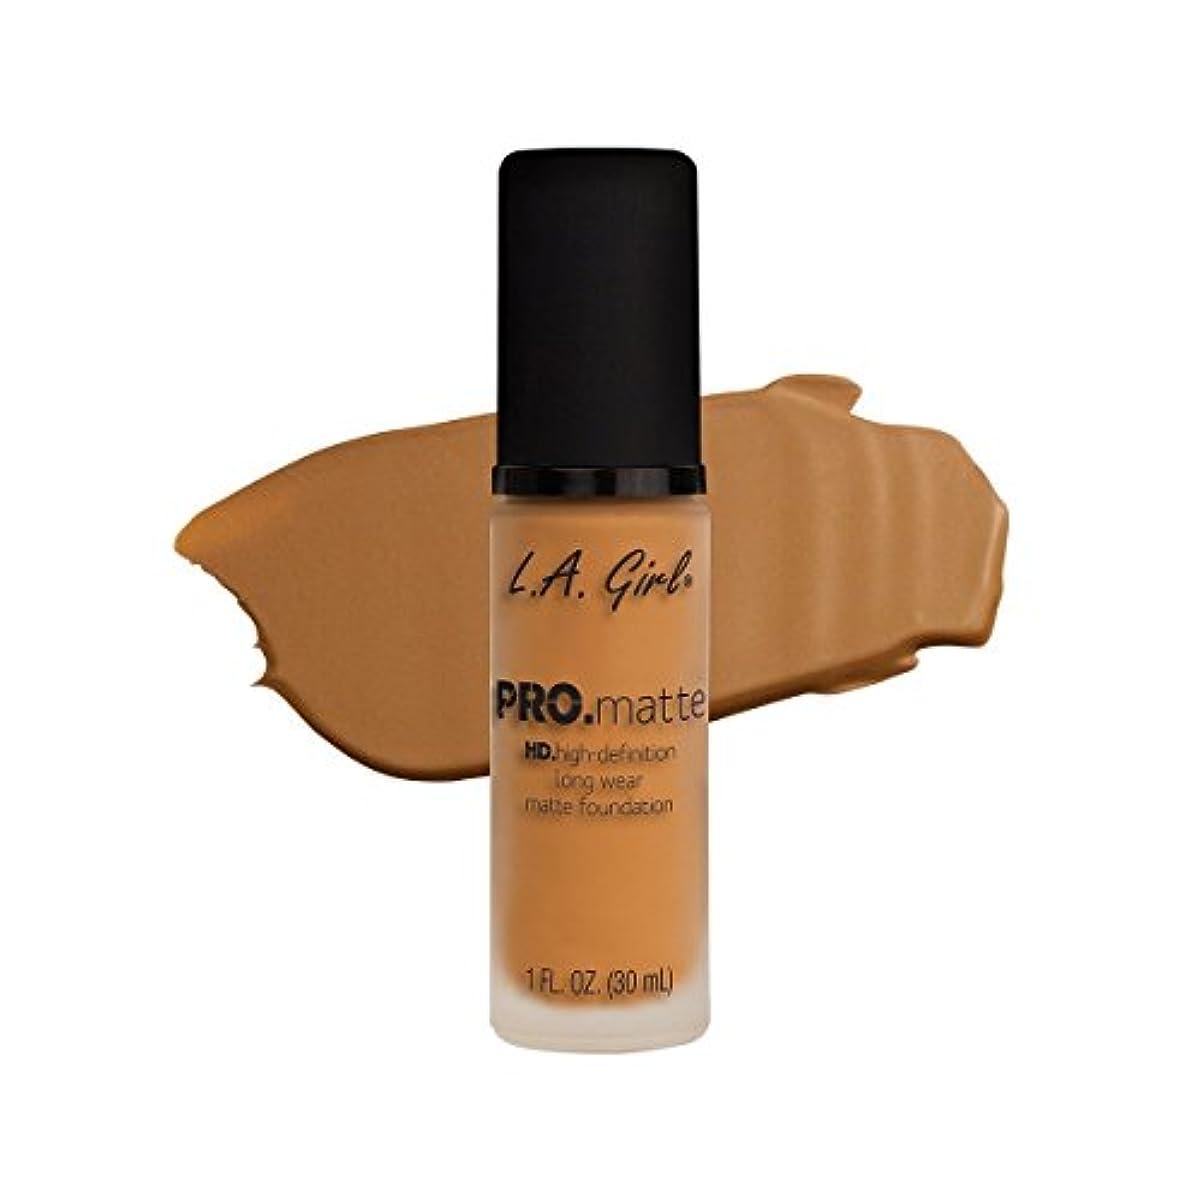 浸した化学者オークランド(6 Pack) L.A. GIRL Pro Matte Foundation - Golden Bronze (並行輸入品)